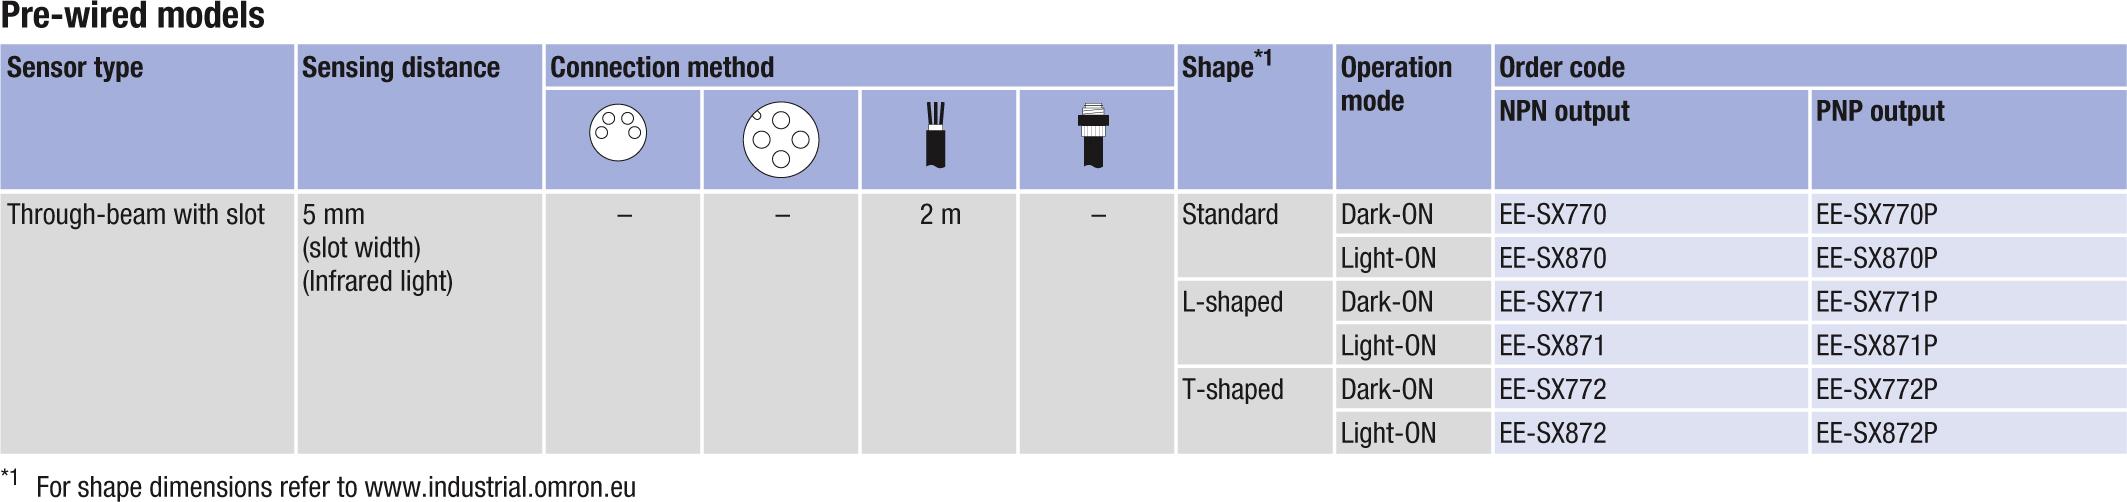 EE-SX77-87_ordering.jpg